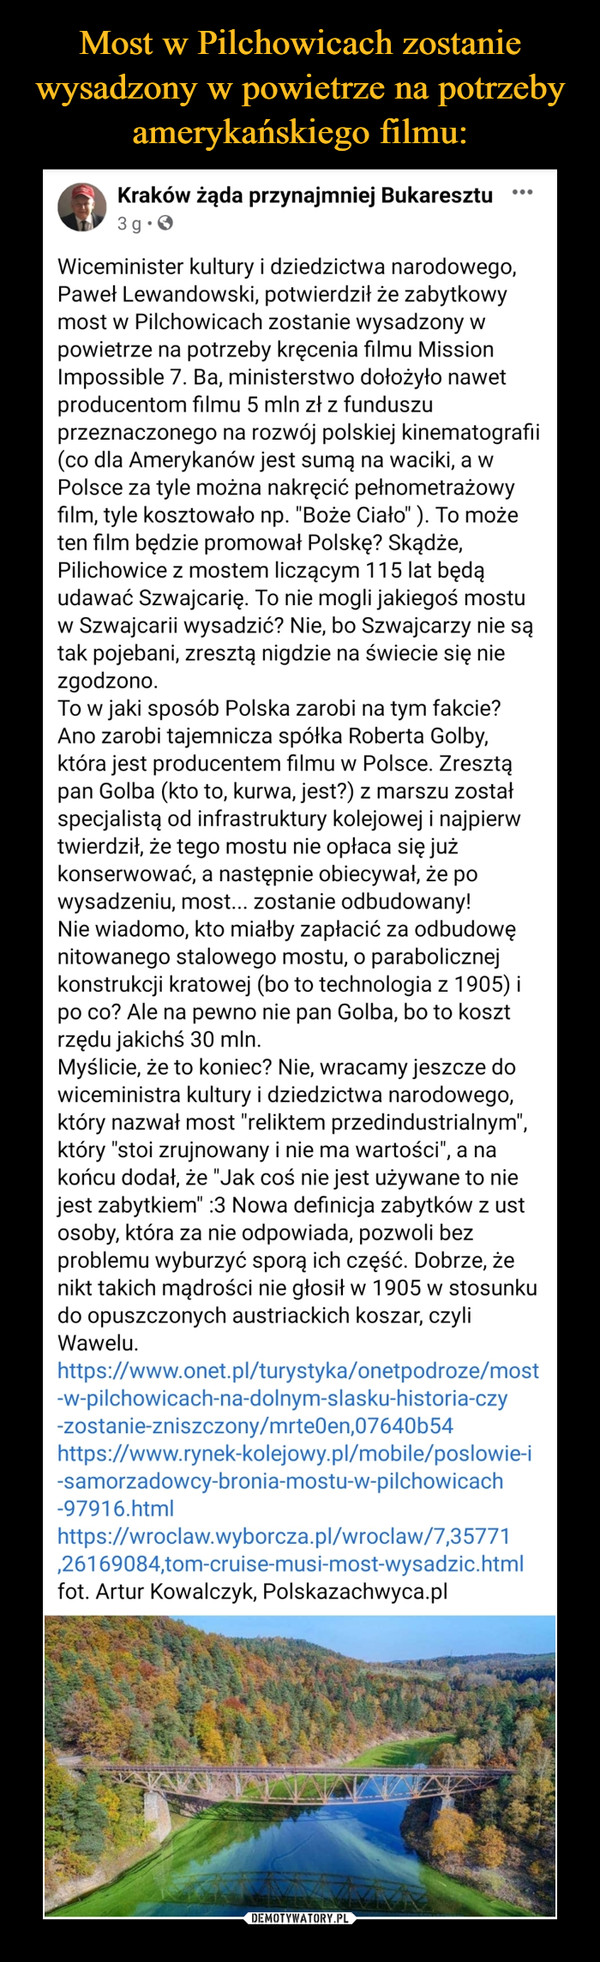 """–  Kraków żąda przynajmniej Bukaresztu· 3 godz. ·  Wiceminister kultury i dziedzictwa narodowego, Paweł Lewandowski, potwierdził że zabytkowy most w Pilchowicach zostanie wysadzony w powietrze na potrzeby kręcenia filmu Mission Impossible 7. Ba, ministerstwo dołożyło nawet producentom filmu 5 mln zł z funduszu przeznaczonego na rozwój polskiej kinematografii (co dla Amerykanów jest sumą na waciki, a w Polsce za tyle można nakręcić pełnometrażowy film, tyle kosztowało np. """"Boże Ciało"""" ). To może ten film będzie promował Polskę? Skądże, Pilichowice z mostem liczącym 115 lat będą udawać Szwajcarię. To nie mogli jakiegoś mostu w Szwajcarii wysadzić? Nie, bo Szwajcarzy nie są tak pojebani, zresztą nigdzie na świecie się nie zgodzono.To w jaki sposób Polska zarobi na tym fakcie? Ano zarobi tajemnicza spółka Roberta Golby, która jest producentem filmu w Polsce. Zresztą pan Golba (kto to, kurwa, jest?) z marszu został specjalistą od infrastruktury kolejowej i najpierw twierdził, że tego mostu nie opłaca się już konserwować, a następnie obiecywał, że po wysadzeniu, most... zostanie odbudowany!Nie wiadomo, kto miałby zapłacić za odbudowę nitowanego stalowego mostu, o parabolicznej konstrukcji kratowej (bo to technologia z 1905) i po co? Ale na pewno nie pan Golba, bo to koszt rzędu jakichś 30 mln.Myślicie, że to koniec? Nie, wracamy jeszcze do wiceministra kultury i dziedzictwa narodowego, który nazwał most """"reliktem przedindustrialnym"""", który """"stoi zrujnowany i nie ma wartości"""", a na końcu dodał, że """"Jak coś nie jest używane to nie jest zabytkiem"""" :3 Nowa definicja zabytków z ust osoby, która za nie odpowiada, pozwoli bez problemu wyburzyć sporą ich część. Dobrze, że nikt takich mądrości nie głosił w 1905 w stosunku do opuszczonych austriackich koszar, czyli Wawelu.https://www.onet.pl/turystyka/onetpodroze/most-w-pilchowicach-na-dolnym-slasku-historia-czy-zostanie-zniszczony/mrte0en,07640b54https://www.rynek-kolejowy.pl/mobile/poslowie-i-samorzadowcy-bronia-mostu-w-pilchowic"""